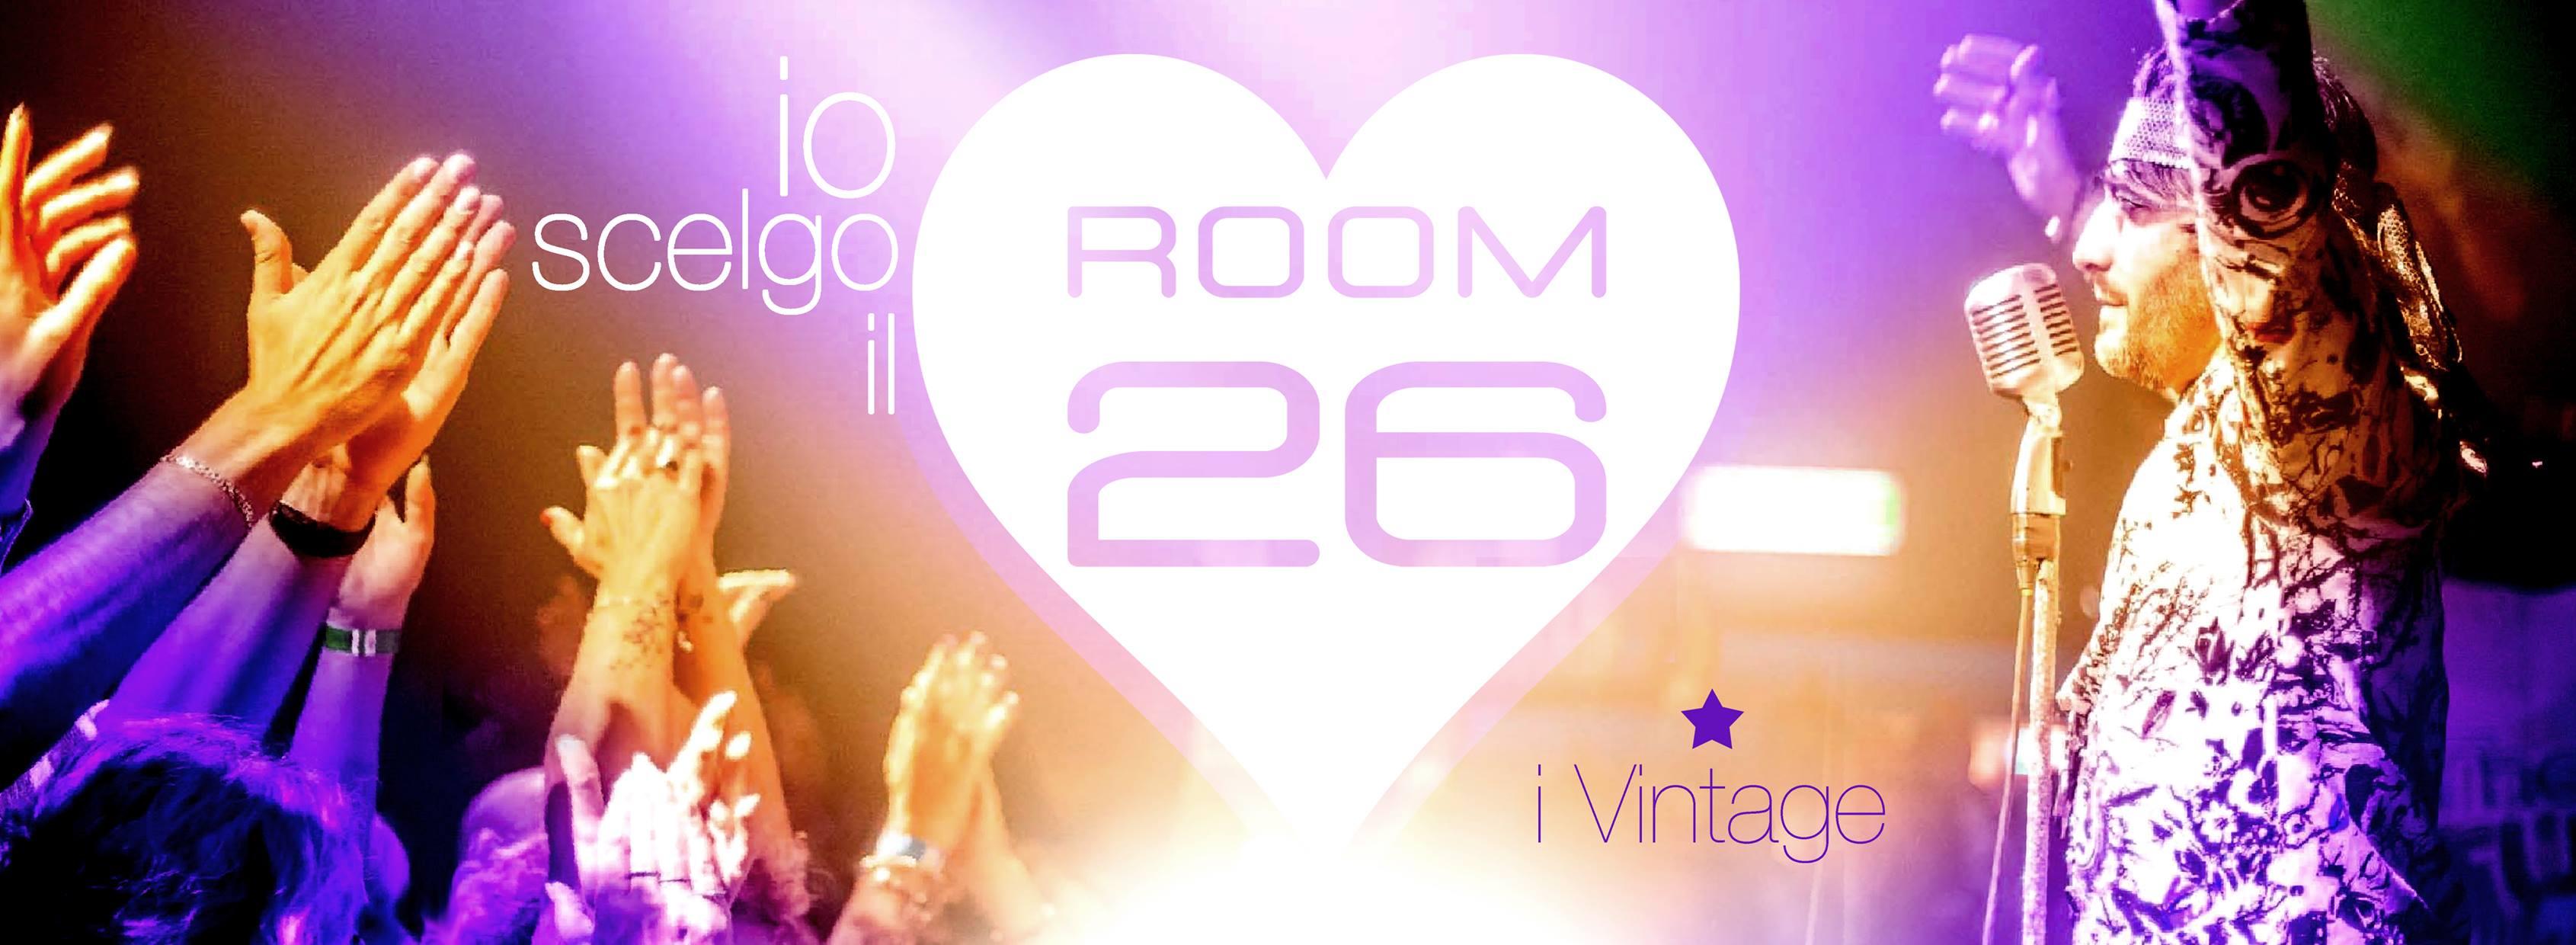 Serata Vintage al Room 26 venerdi 28 aprile 2017 mettiti in lista